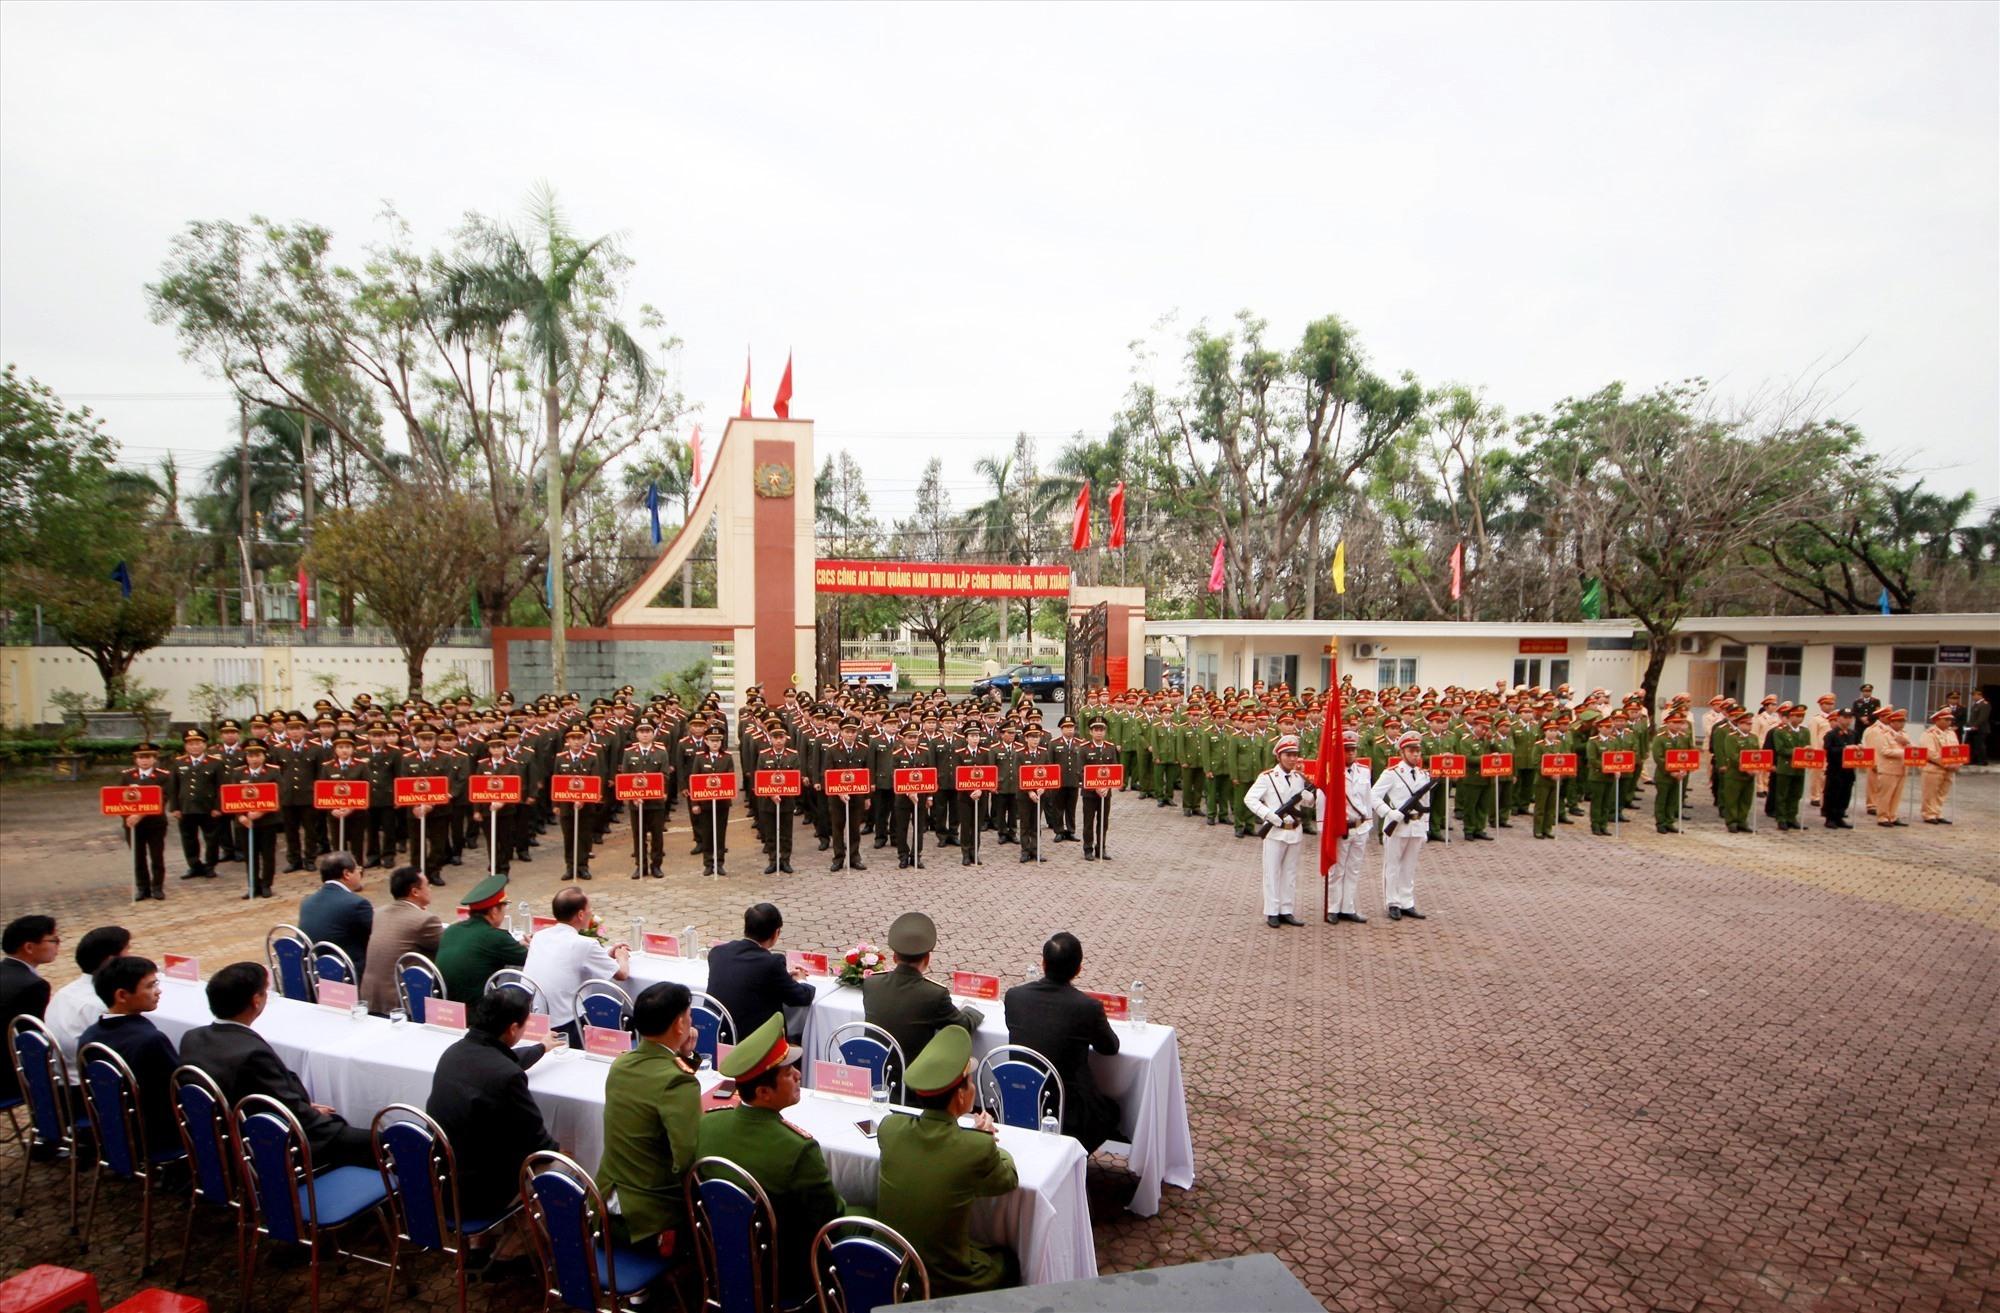 Hơn 600 cán bộ, chiến sĩ các lực lượng thuộc Công an tỉnh dự lễ ra quân đợt cao điểm. Ảnh: T.C